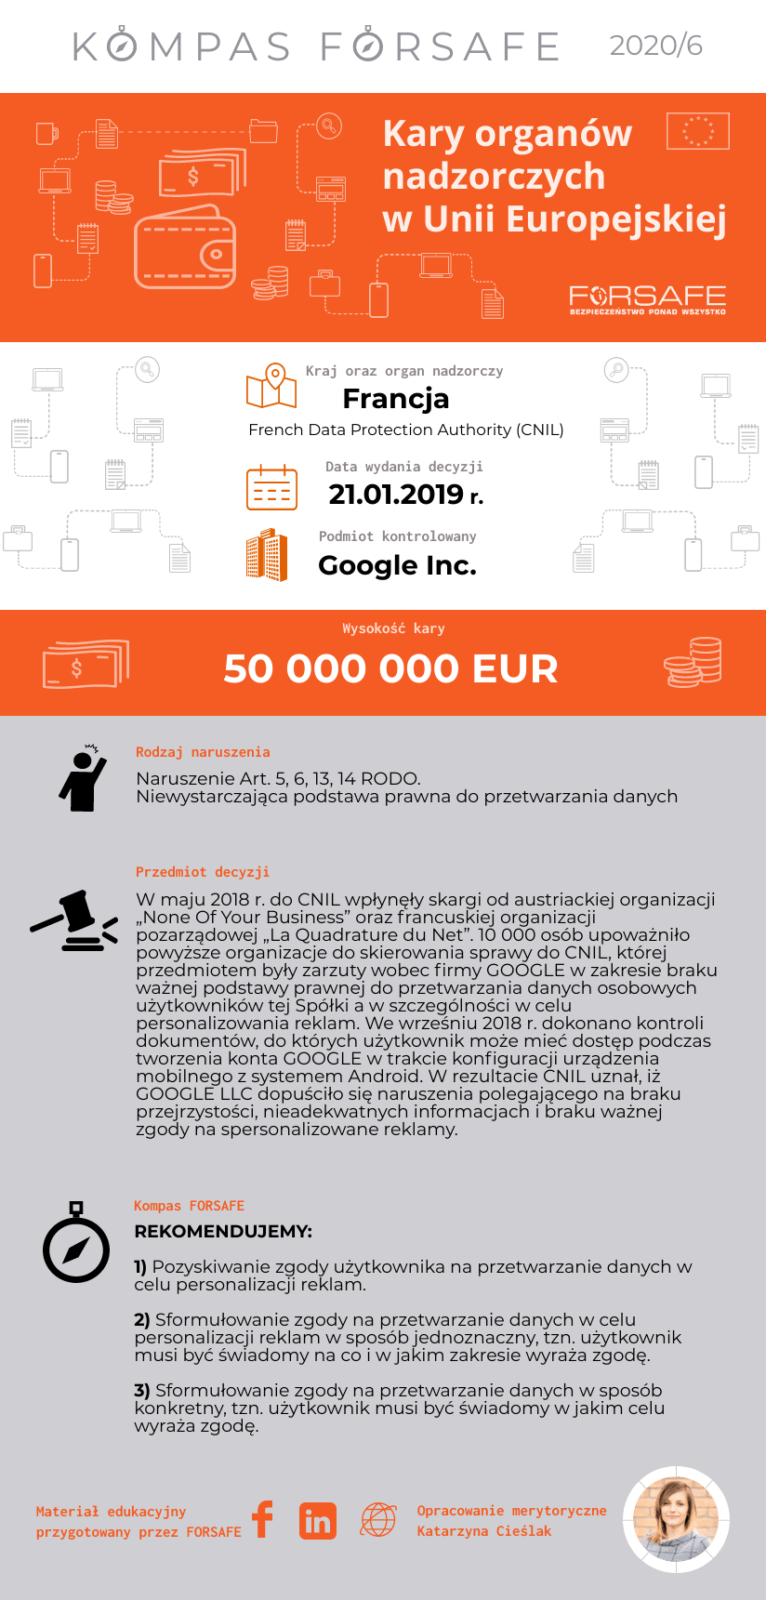 kompas forsafe 6 KOMPAS FORSAFE EU 2020/6 - Kara dla Google